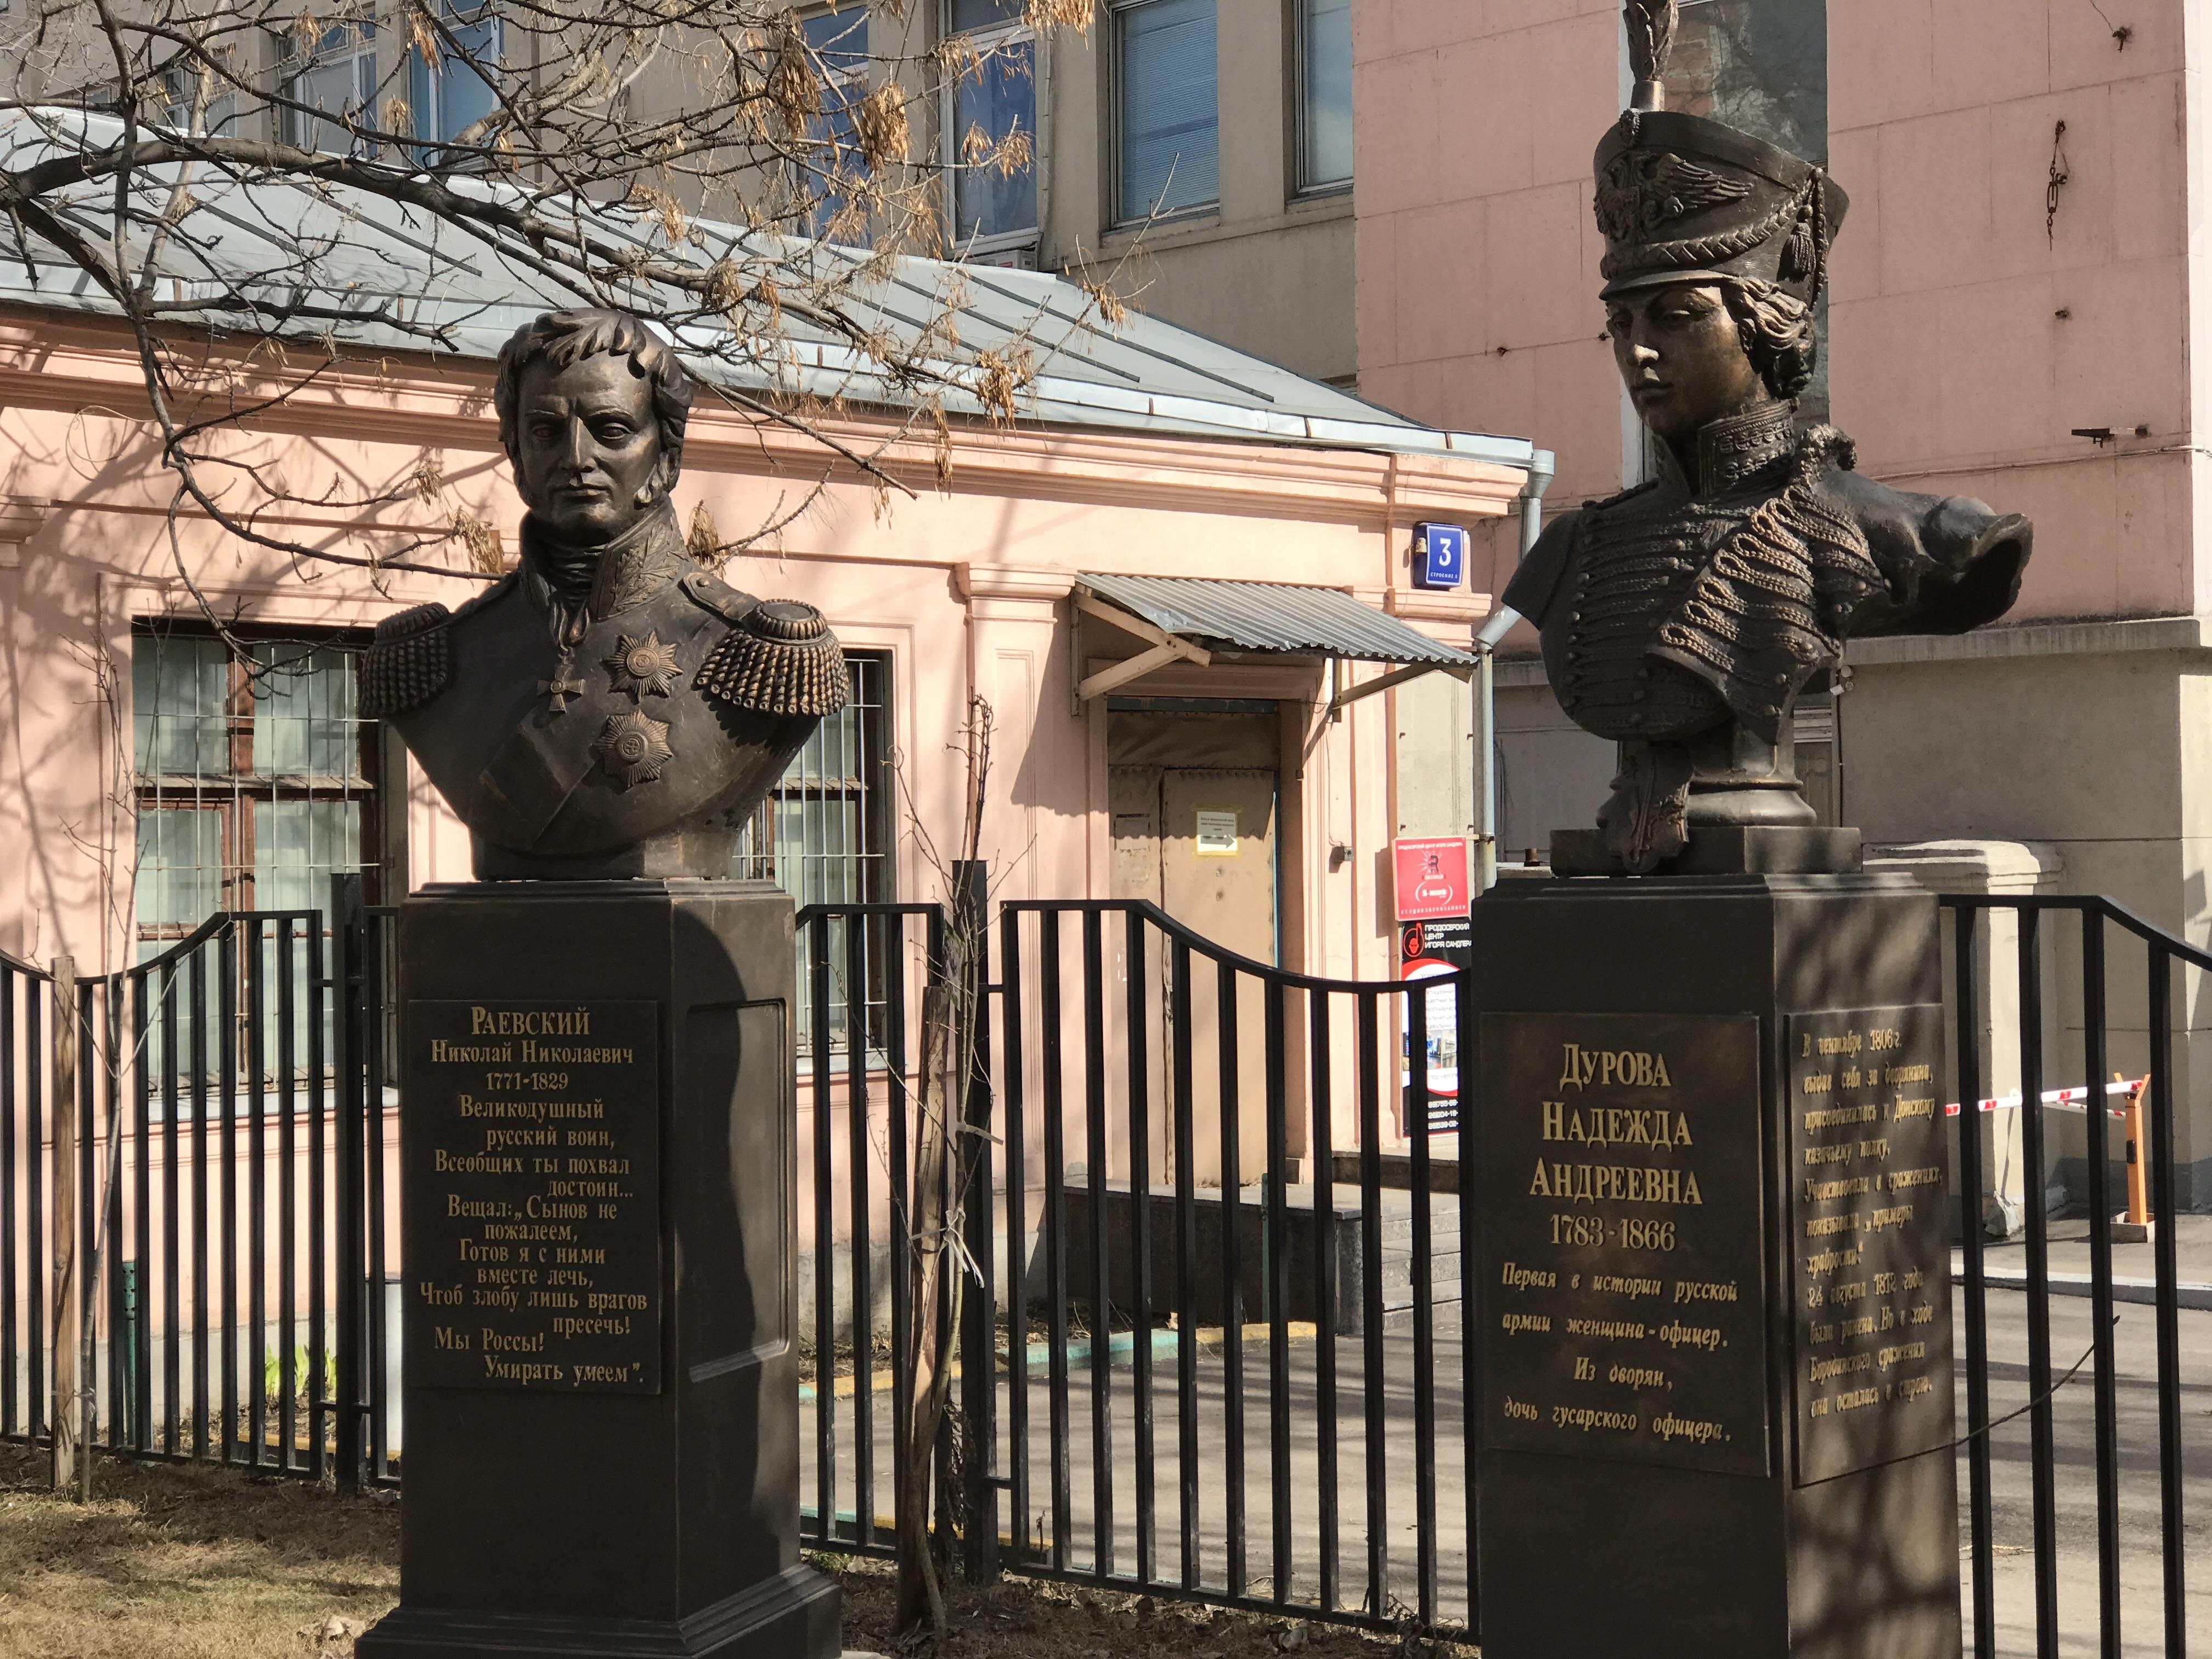 Бюсты Раевского Н.Н. и Дуровой Н.А. на Аллее Российской Славы, Москва